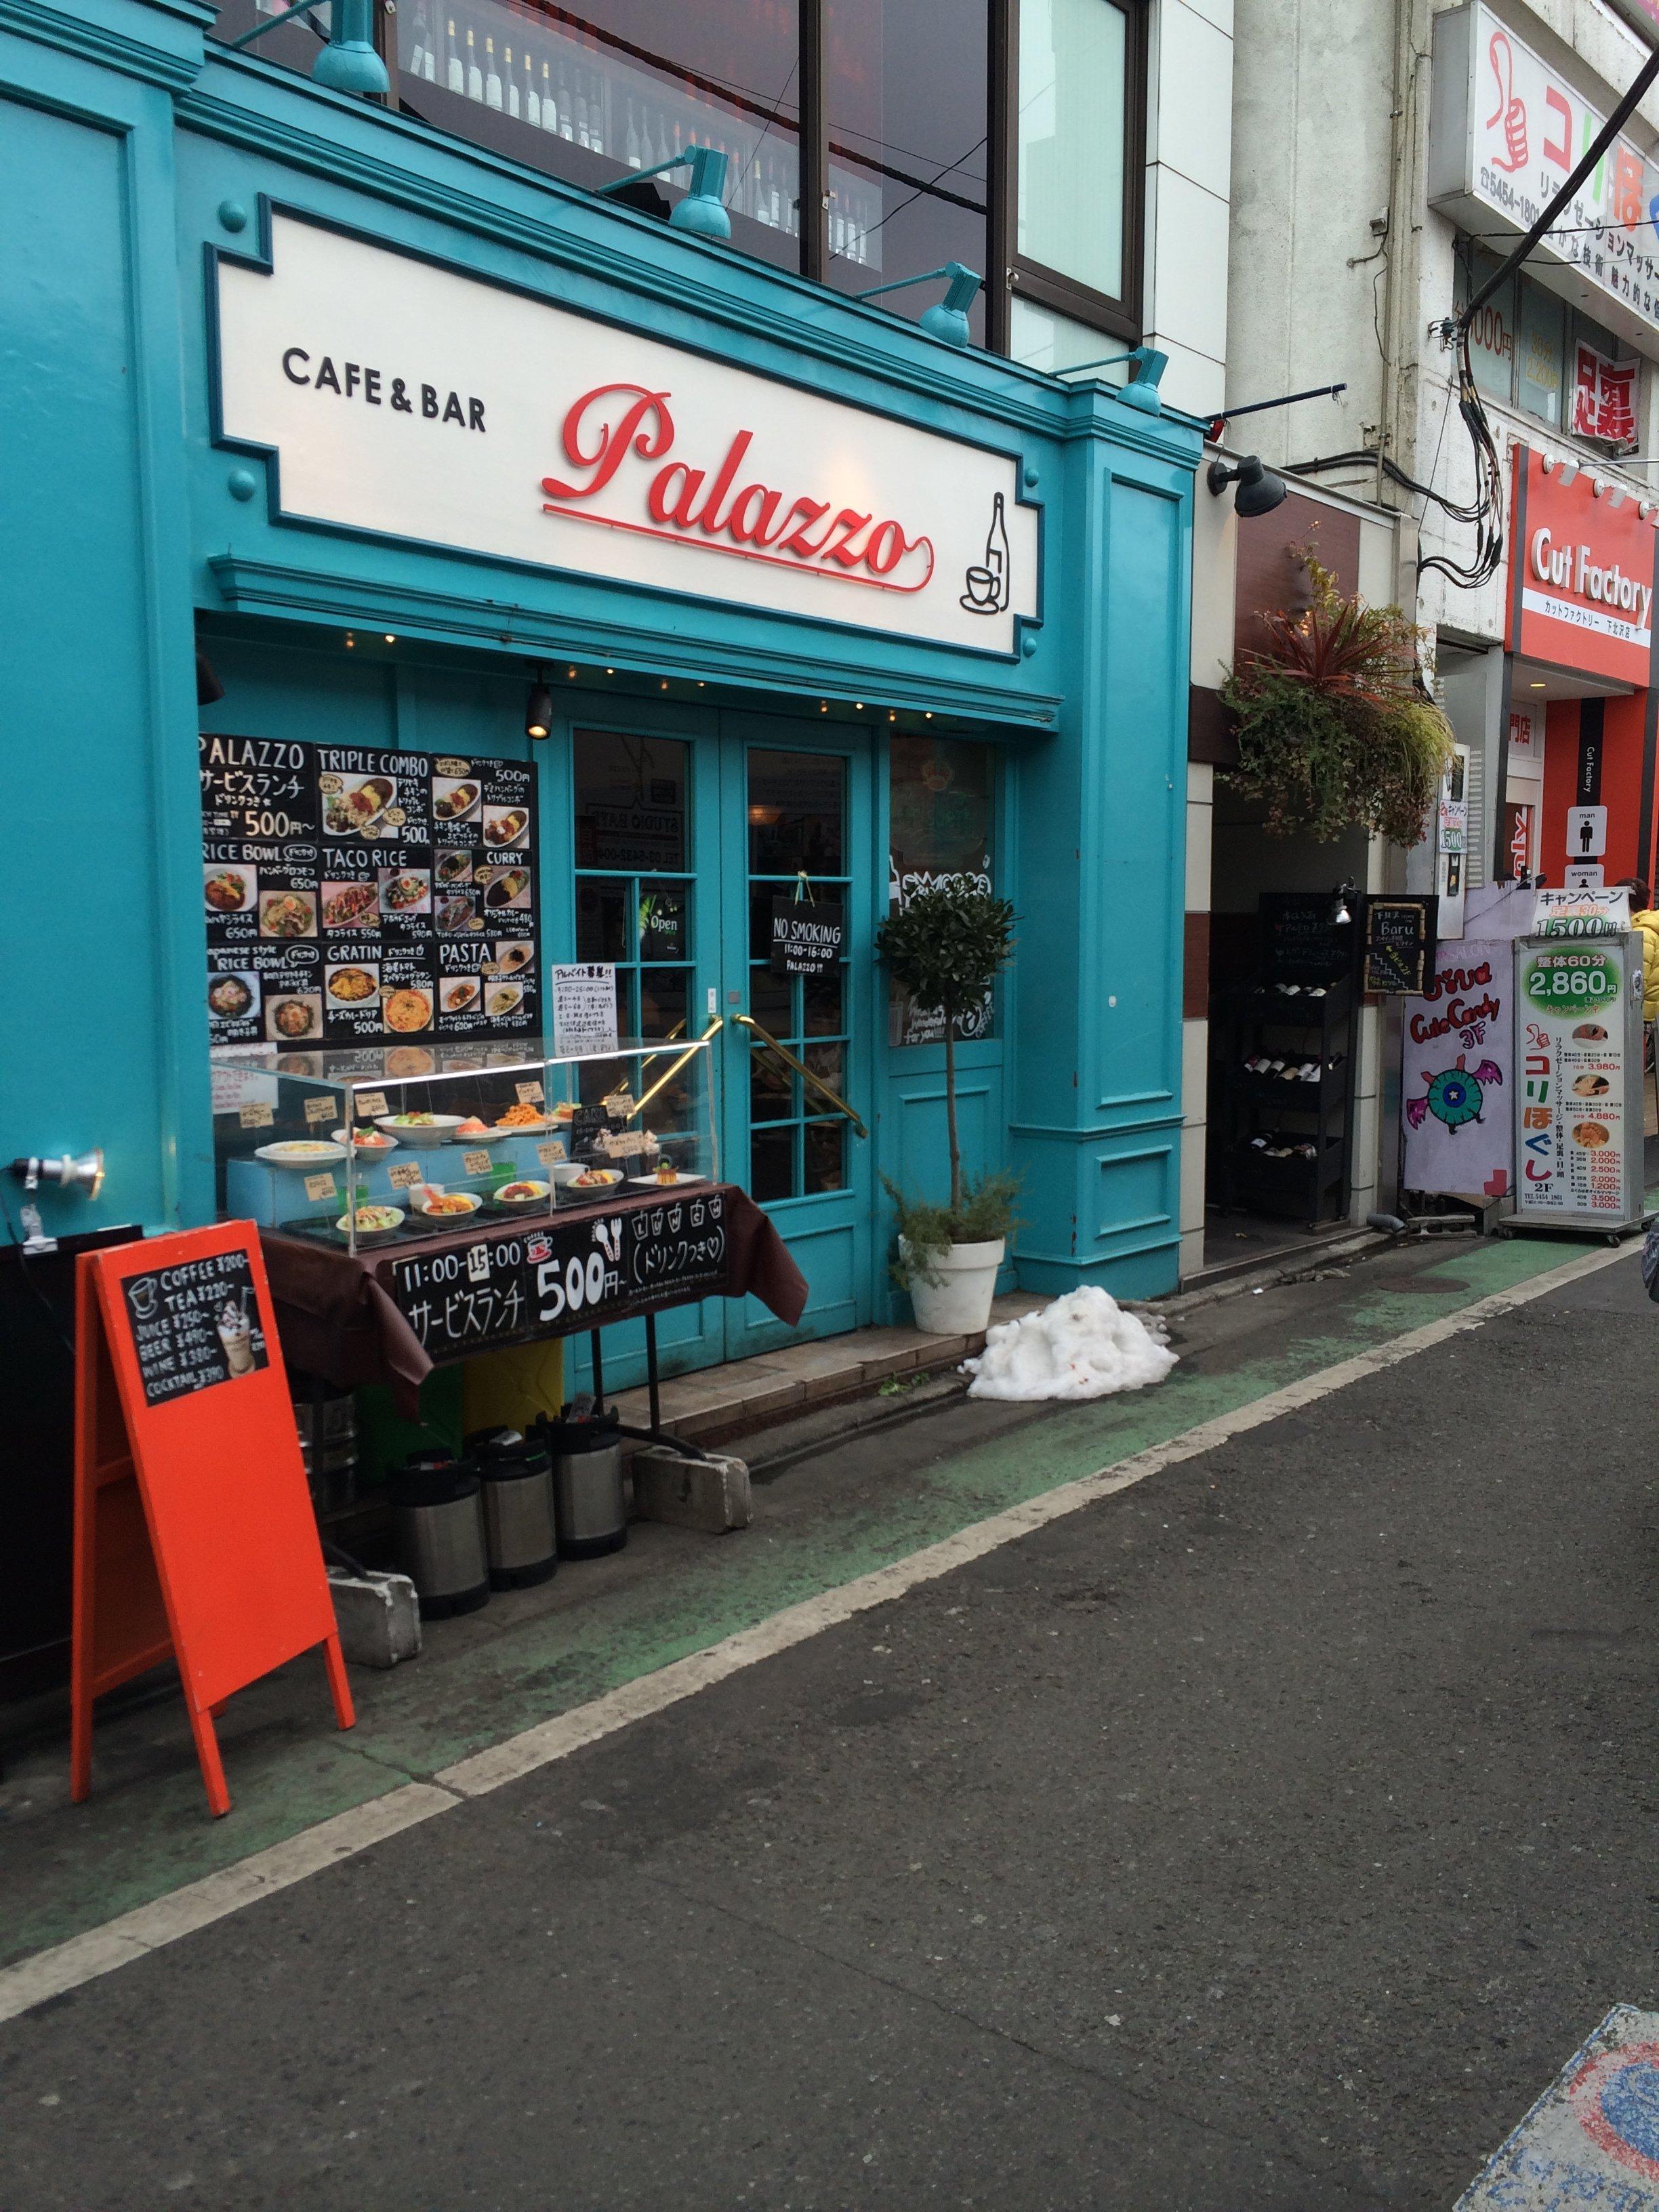 【閉店】学生向けの低価格カフェ CAFE & BAR Palazzo 【下北沢】